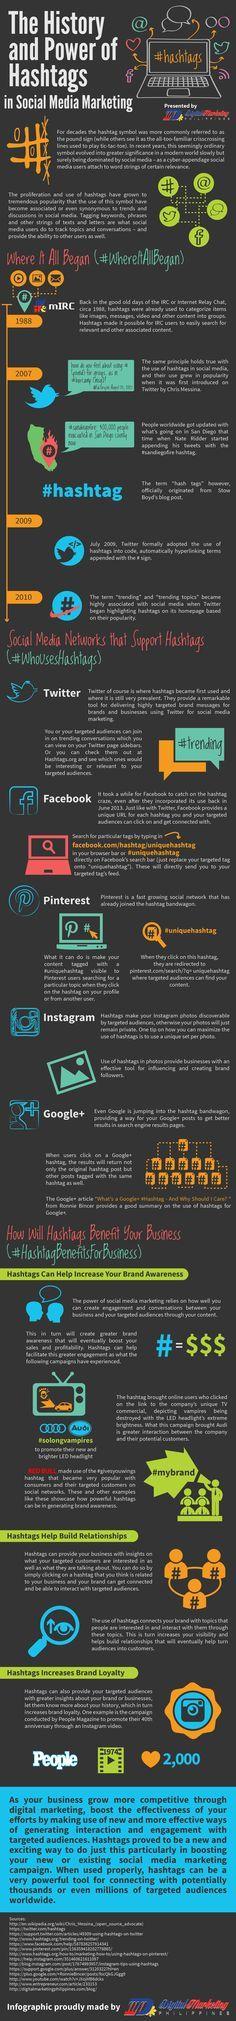 La Historia y la utilidad de los #hashtags en #Marketing #SocialMedia. Ilustrativo y muy bien explicado :)